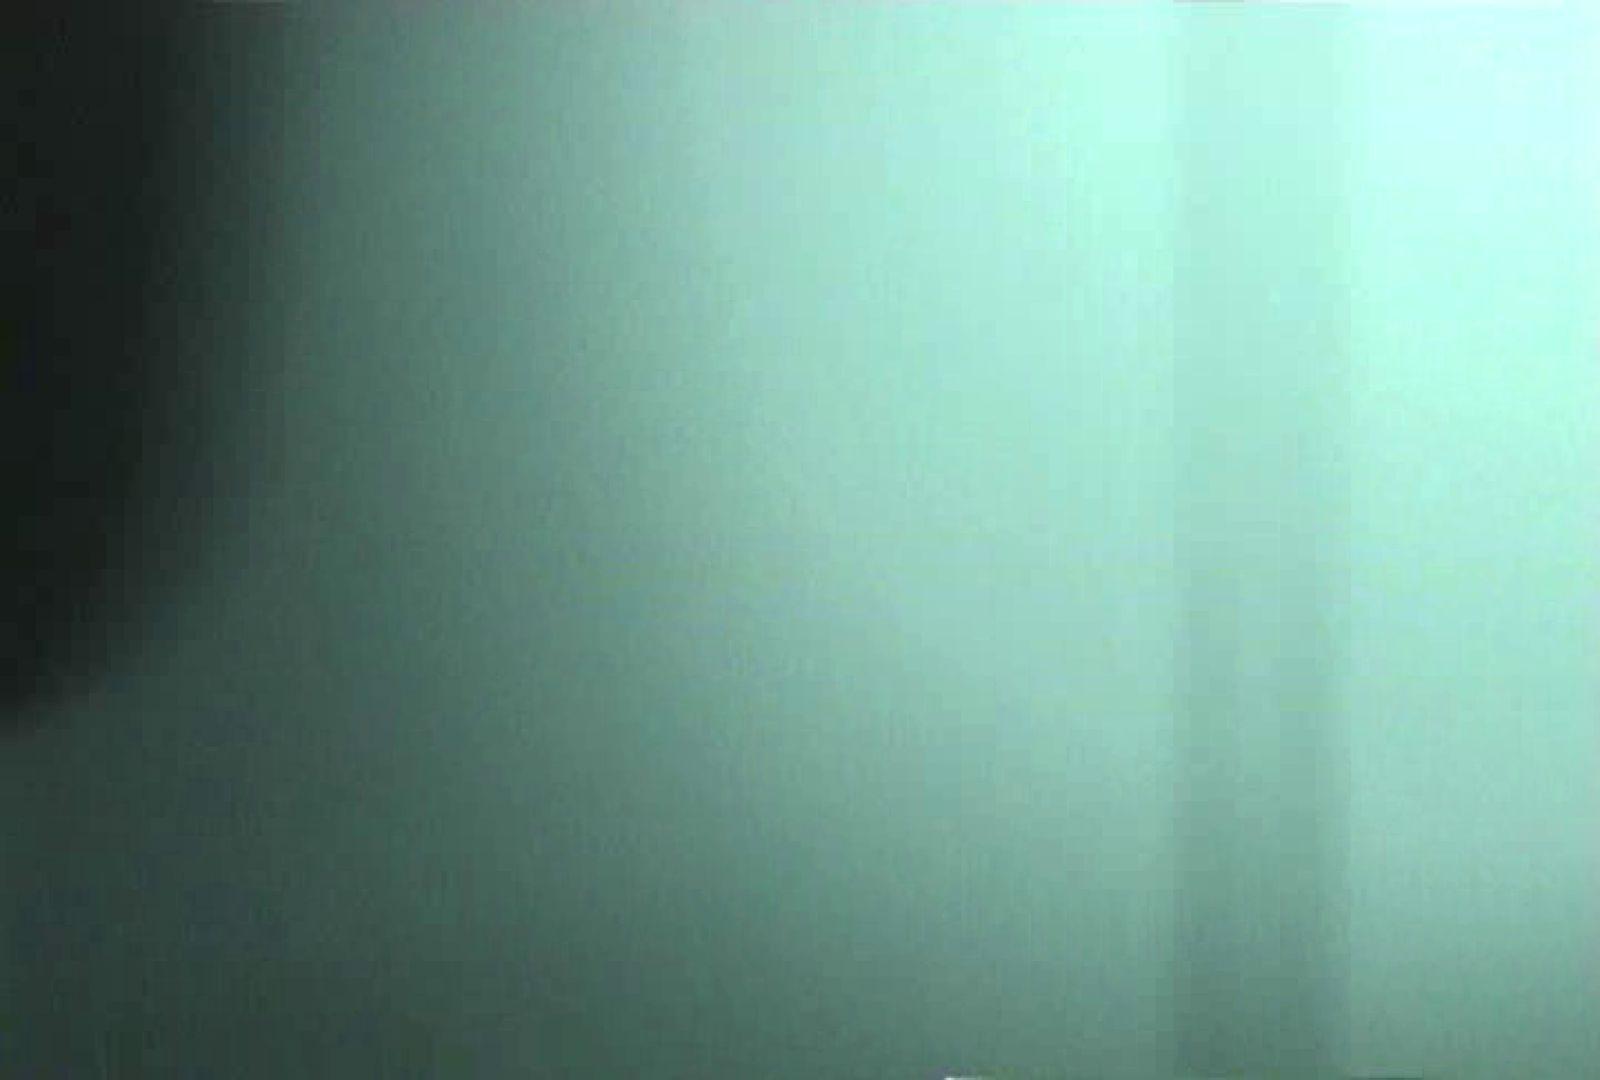 充血監督の深夜の運動会Vol.68 クンニ   生おまんこ  98PICs 13